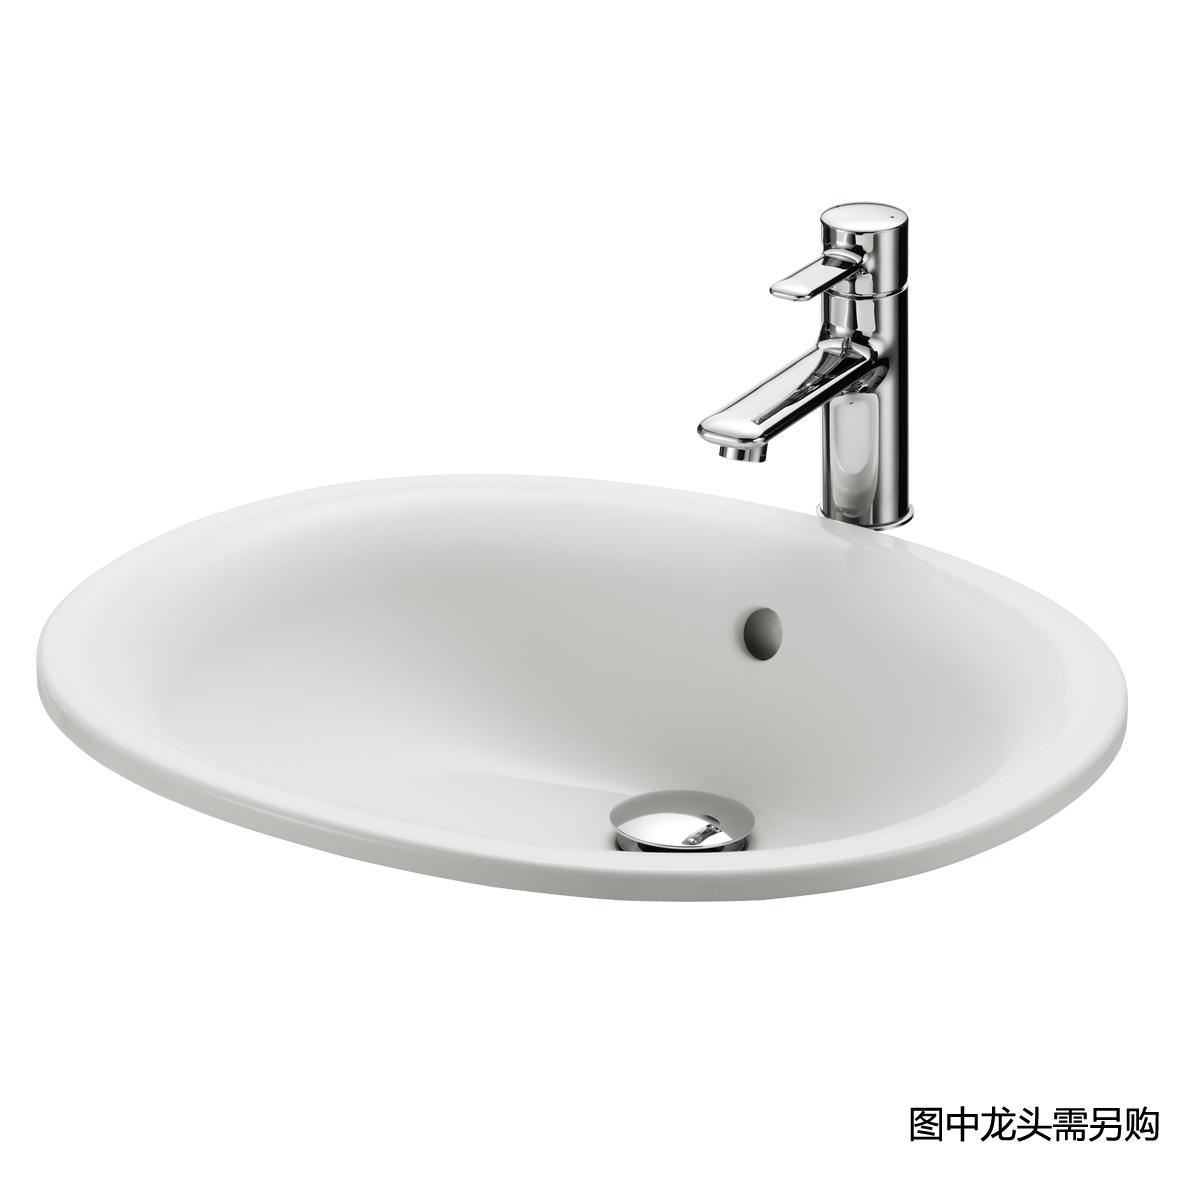 台上式洗脸盆LW762B